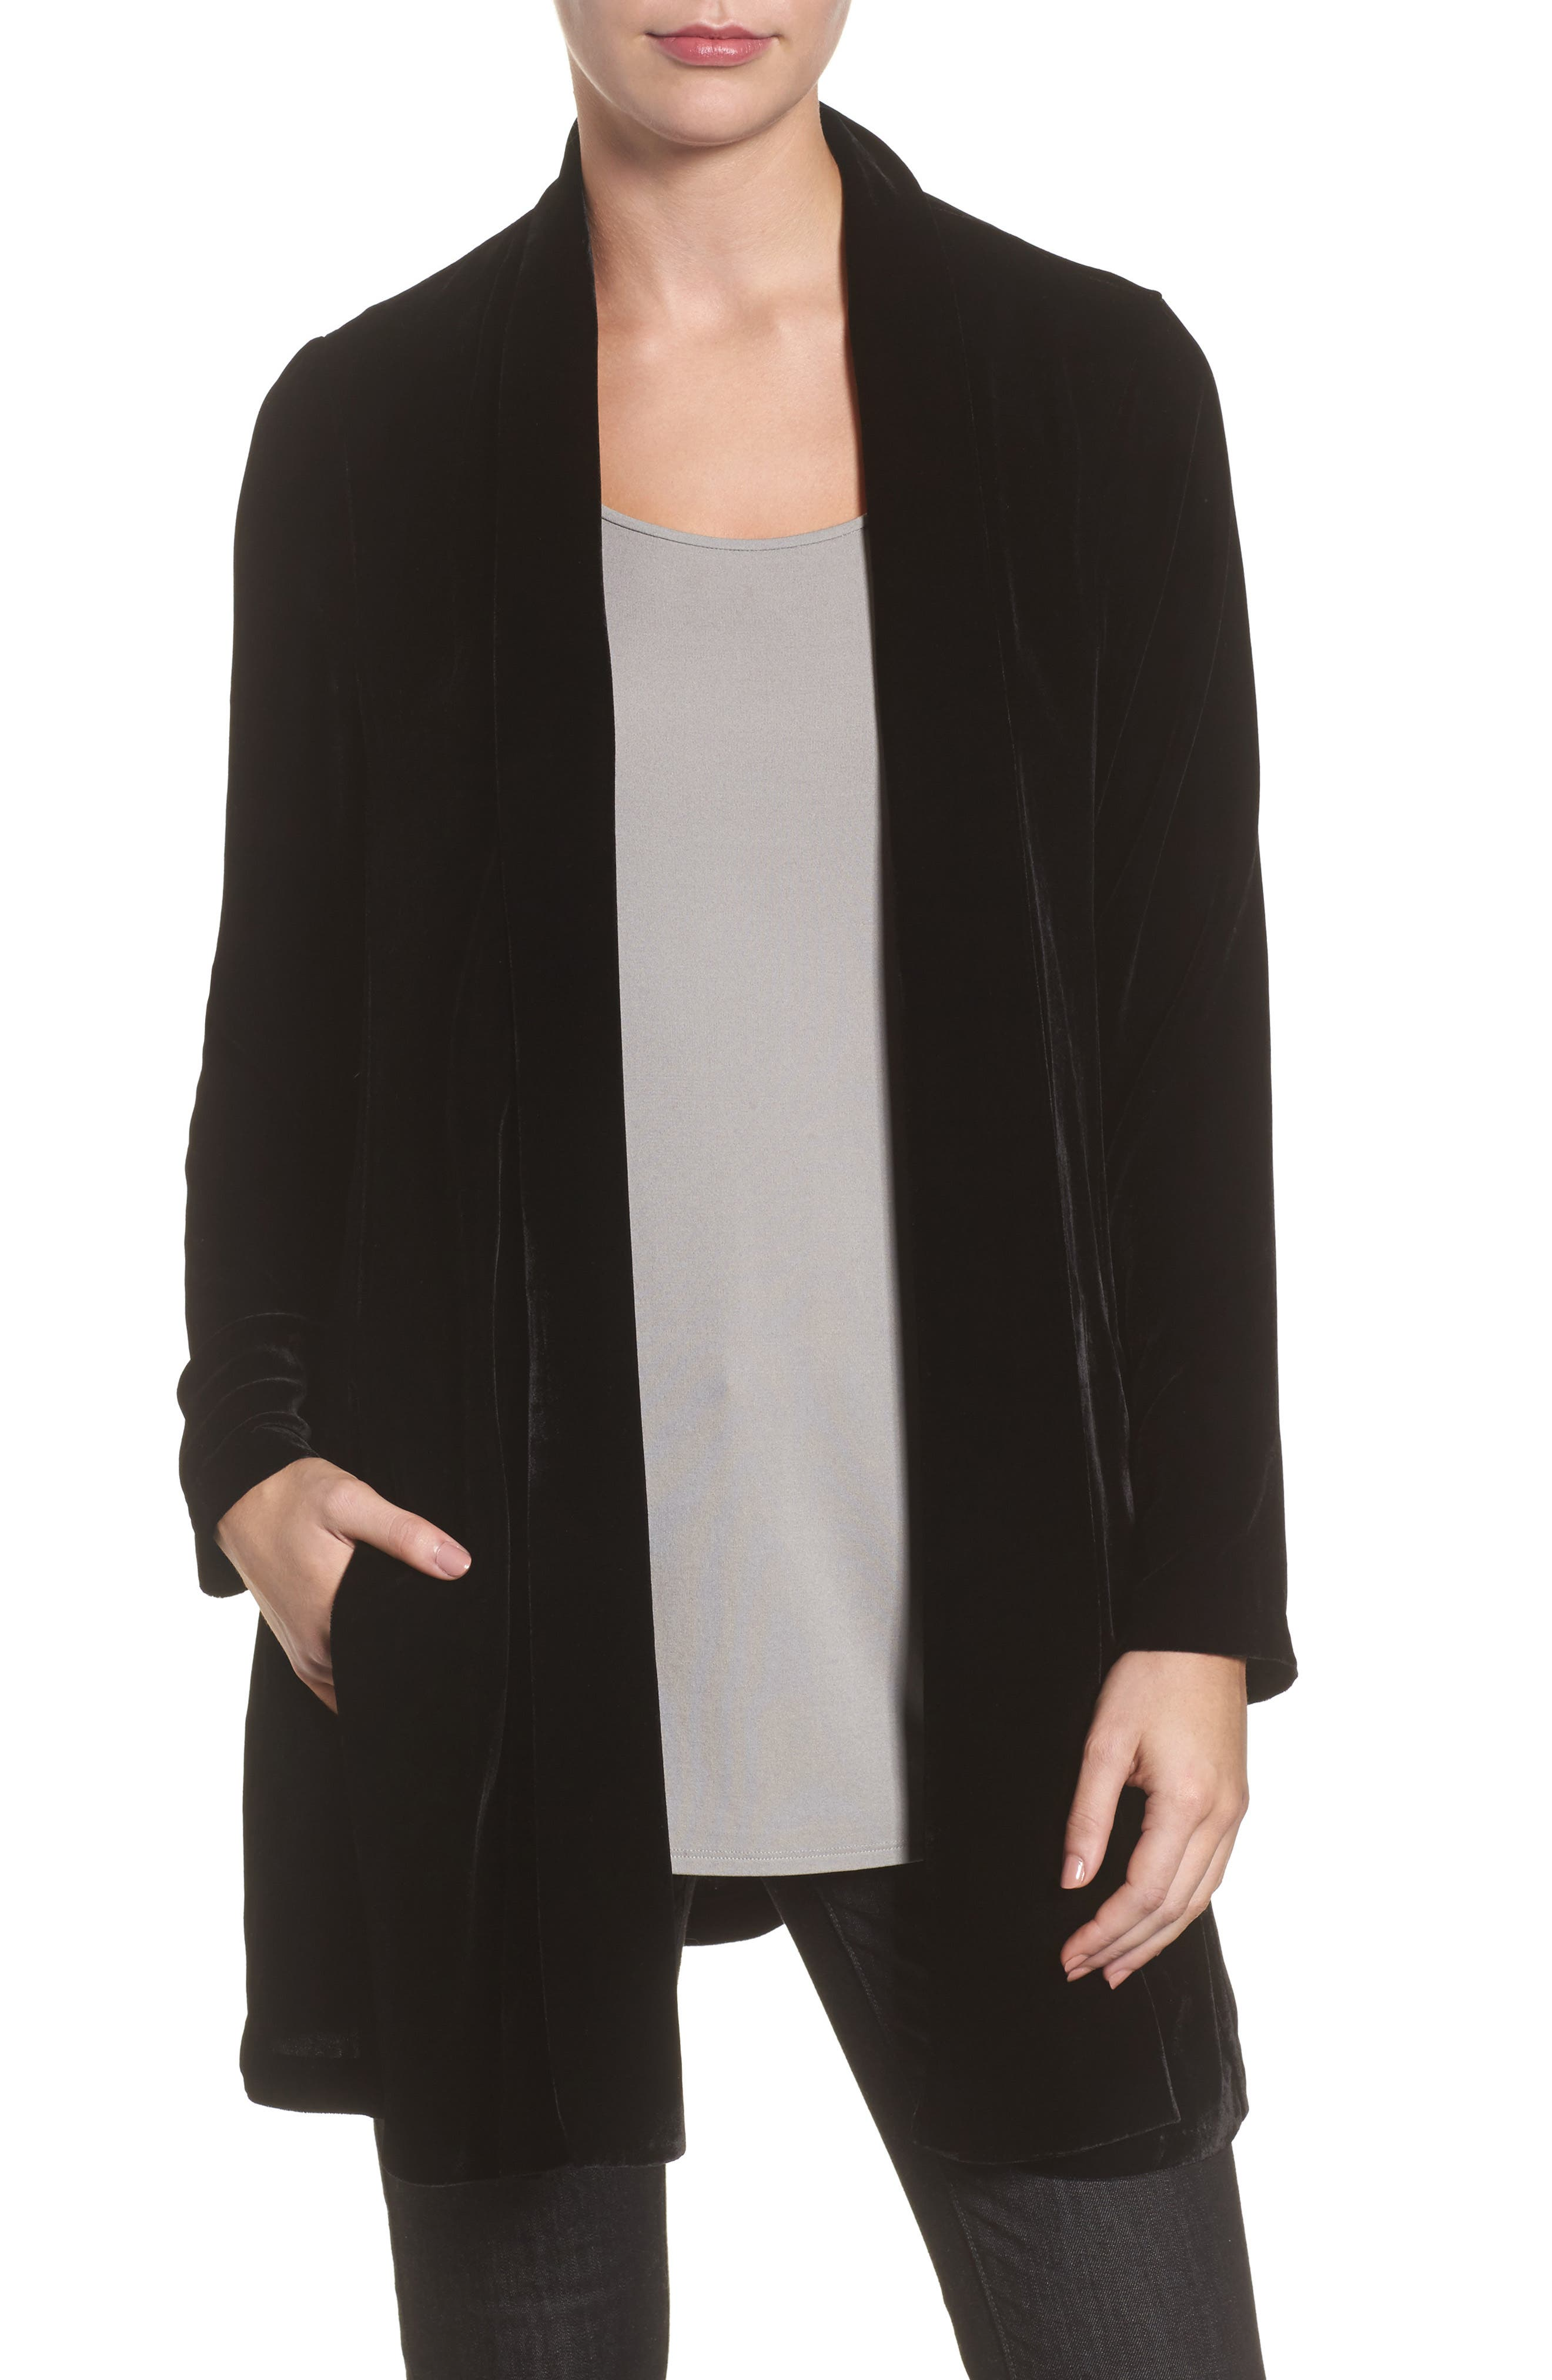 Alternate Image 1 Selected - Eileen Fisher Shawl Collar Velvet Jacket (Regular & Petite)